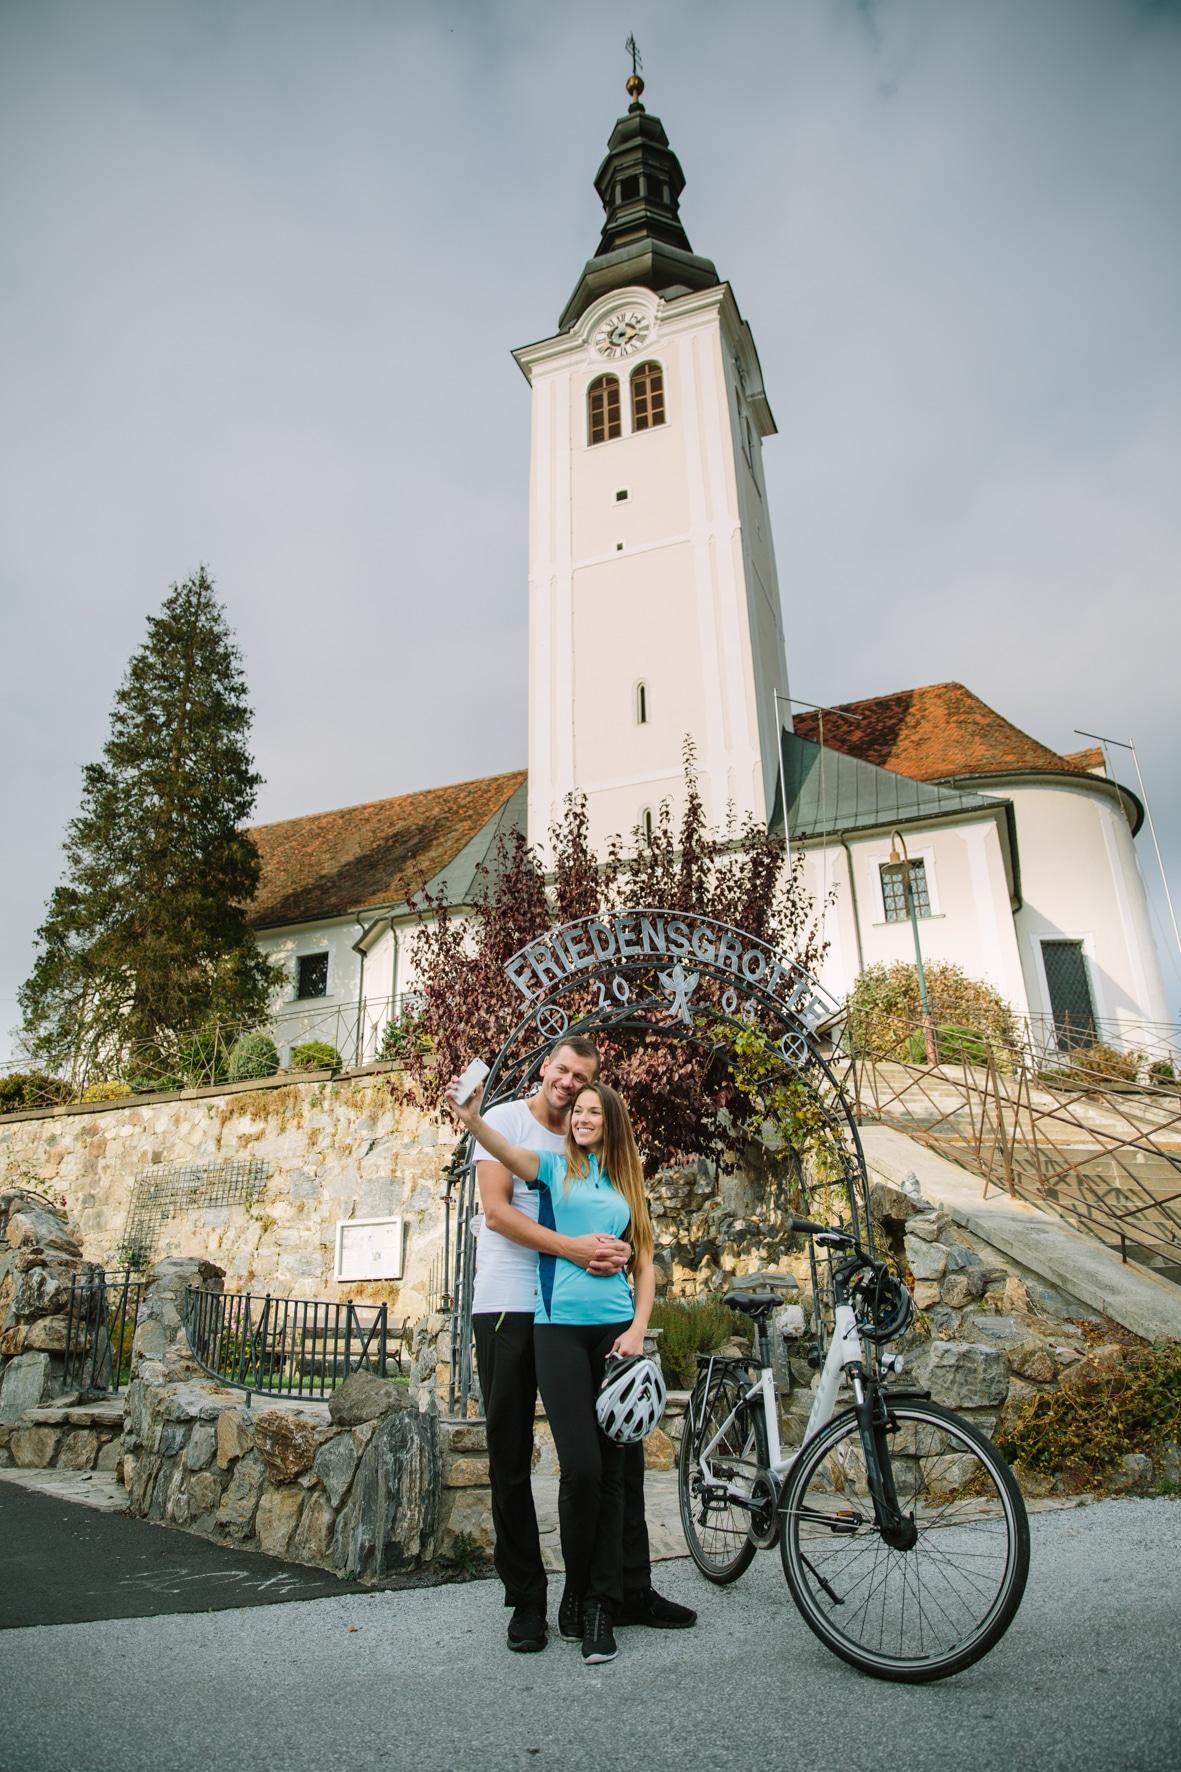 St. Ruprecht an der Raab Friedensgrotte Kirche Radfahren St. Ruprecht (c) St. Ruprecht_die mosbacher´s